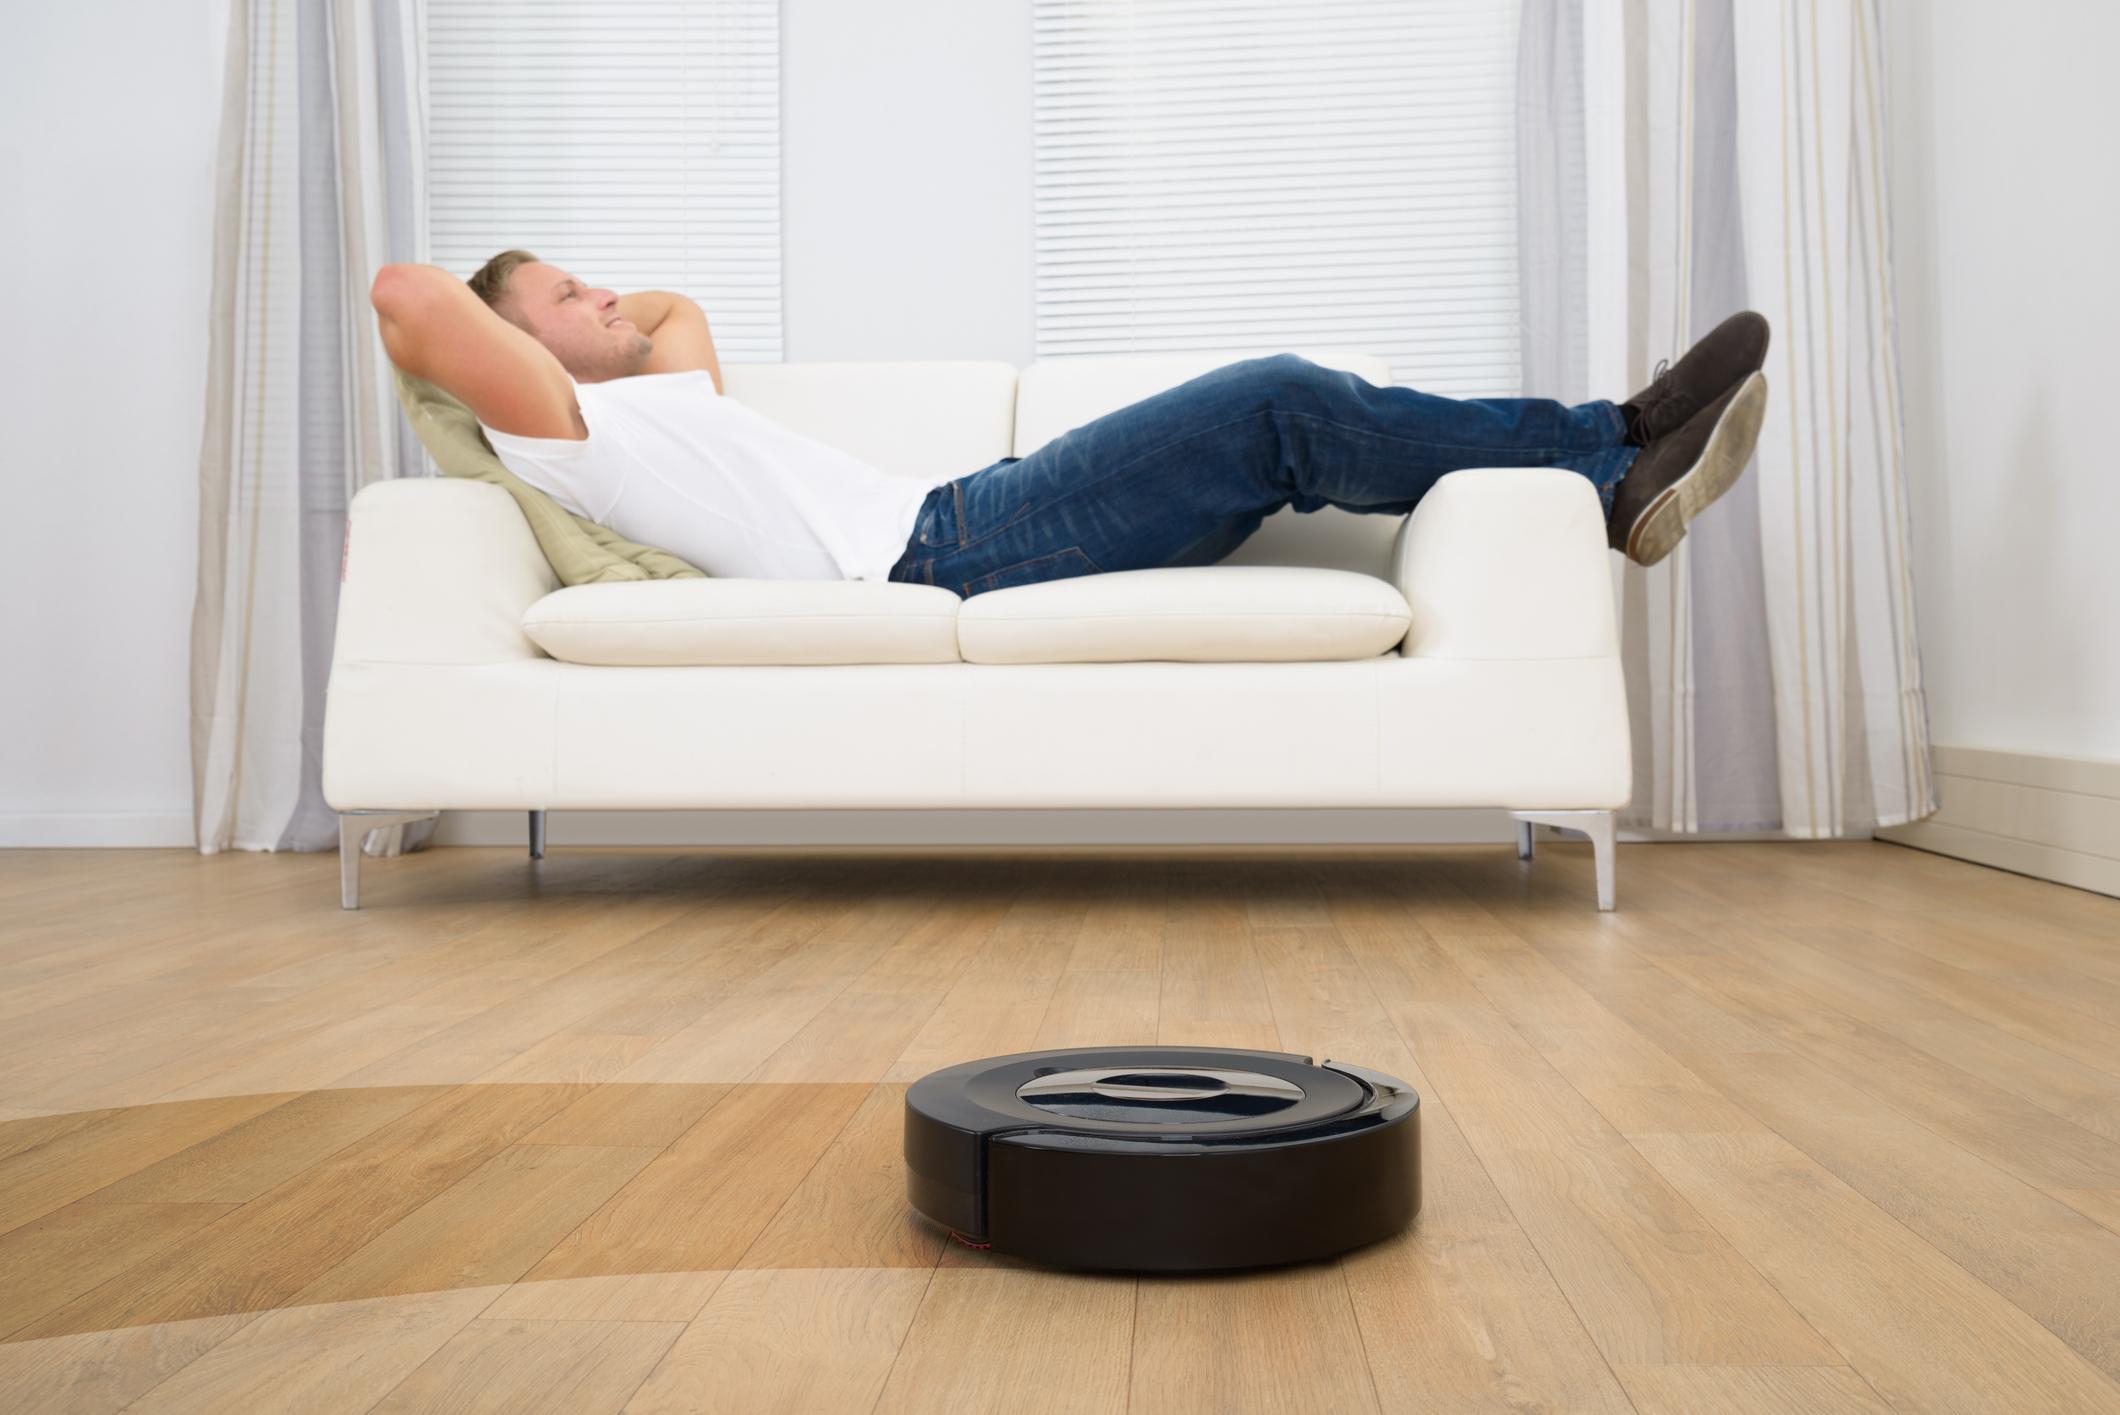 A man reclines as a robotic vacuum cleans his floor.